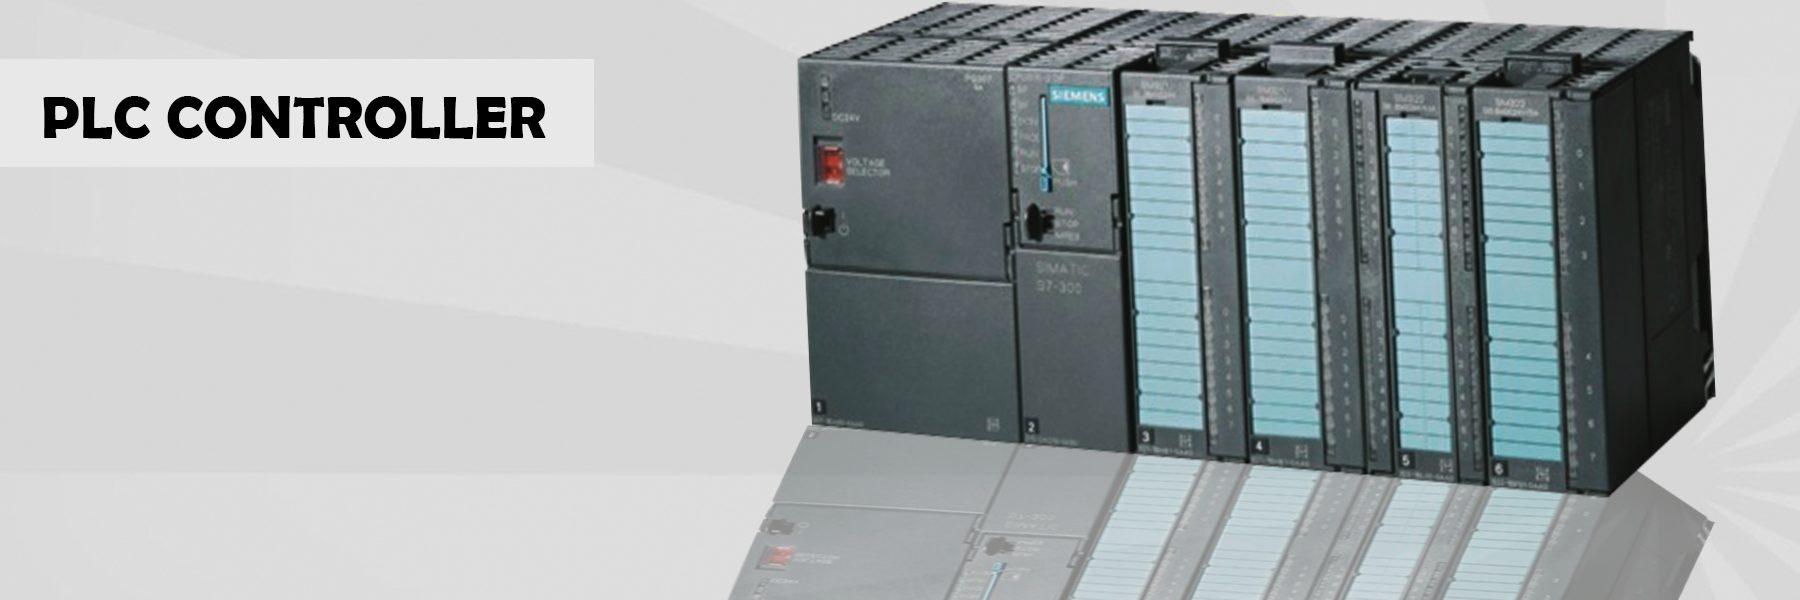 Desideri installare un plc e non sai come fare? Partecipa al nostro corso di Programmazione Plc Simatic a Caserta